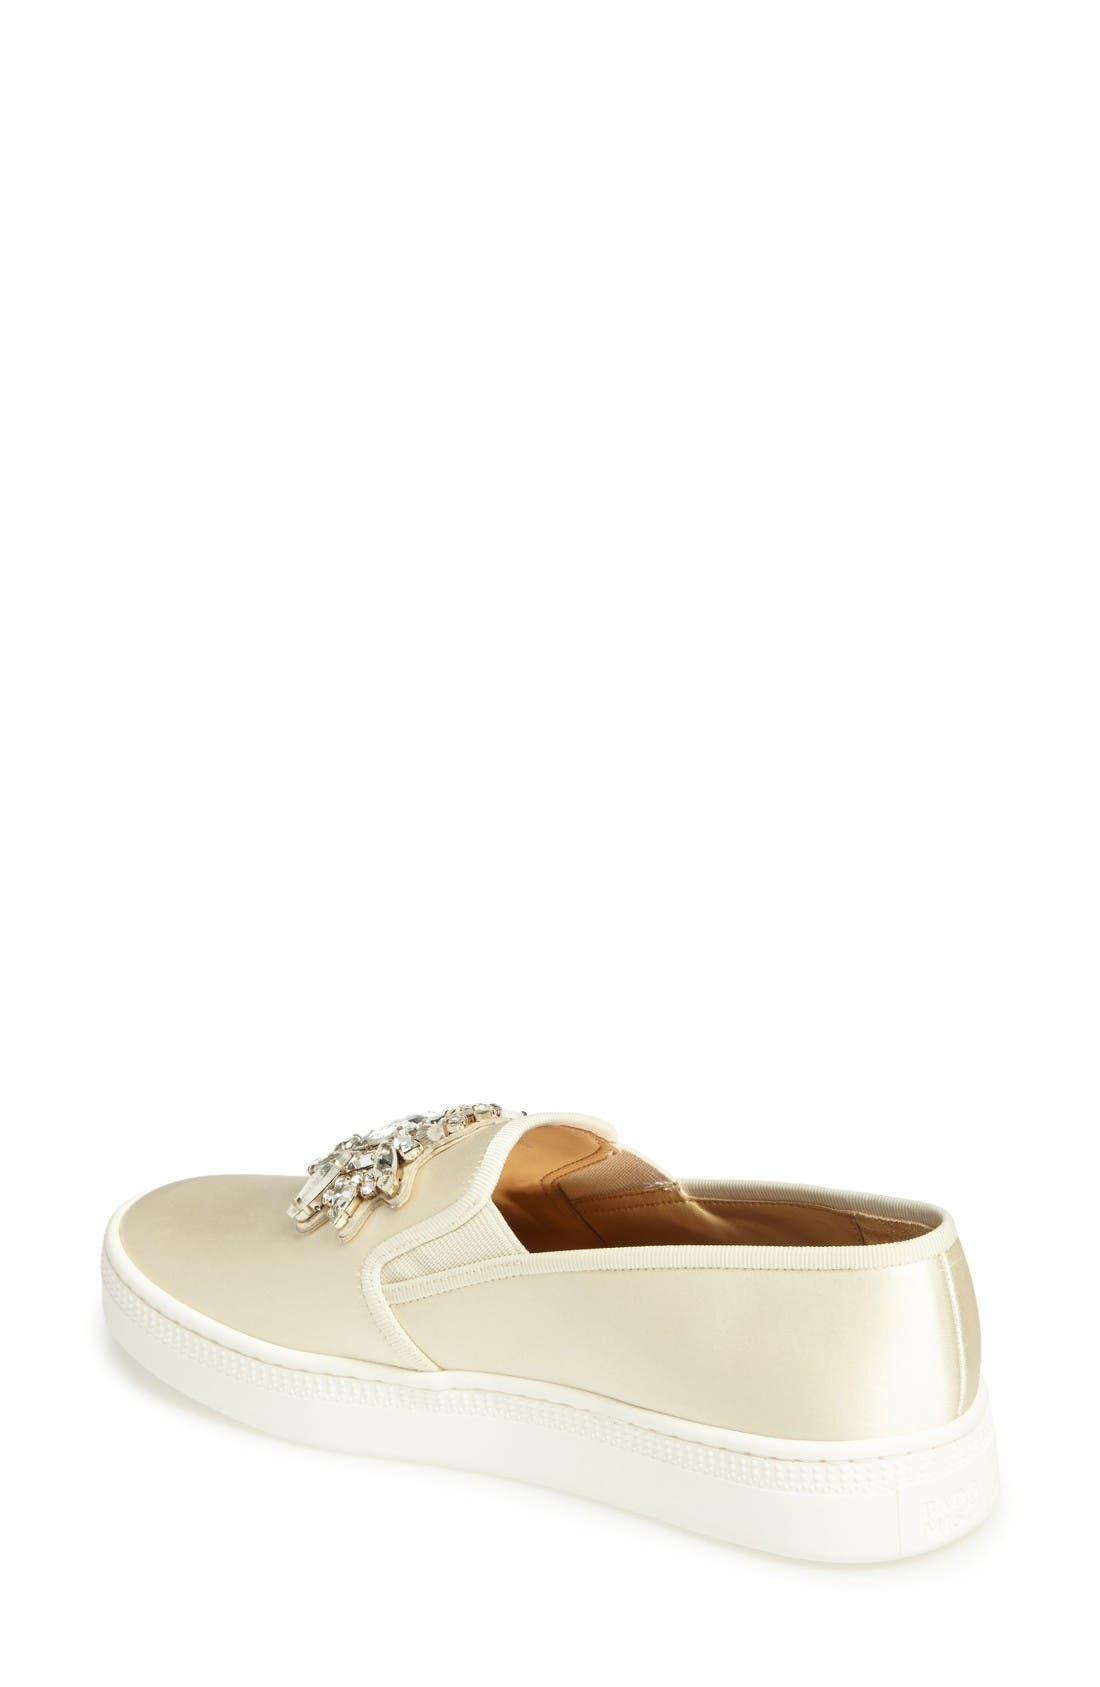 Barre Crystal Embellished Slip-On Sneaker,                             Alternate thumbnail 2, color,                             Ivory Satin